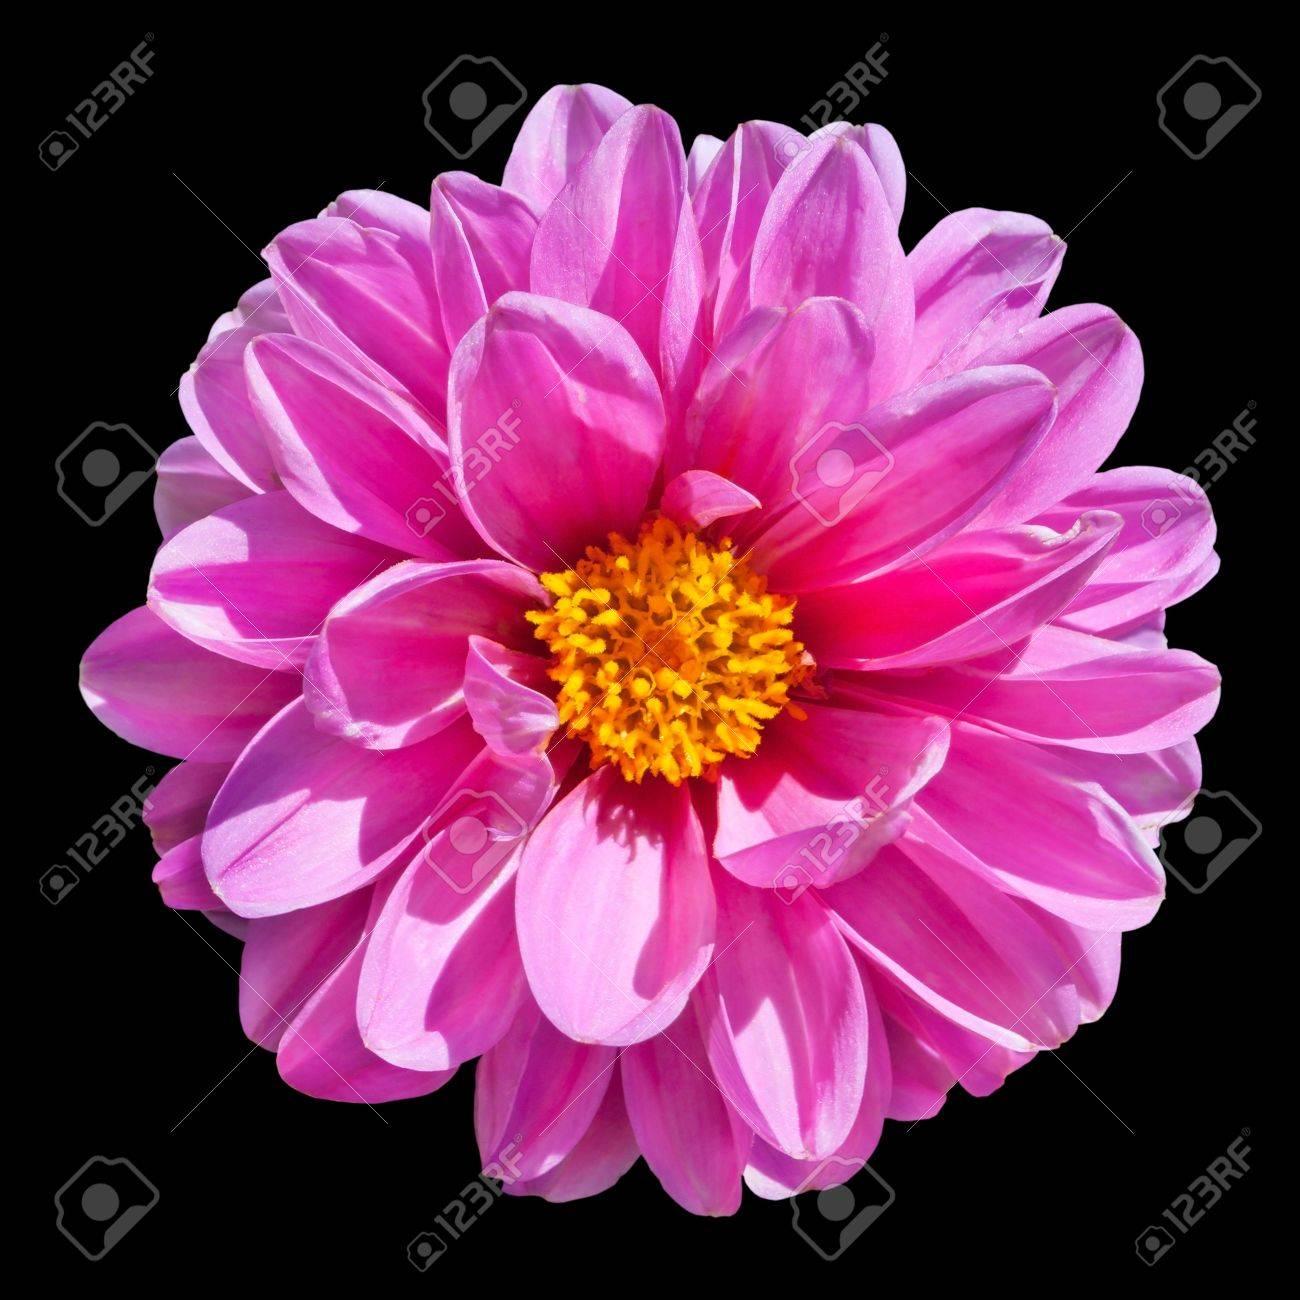 belle fleur rose de dahlia avec le centre jaune isolé sur fond